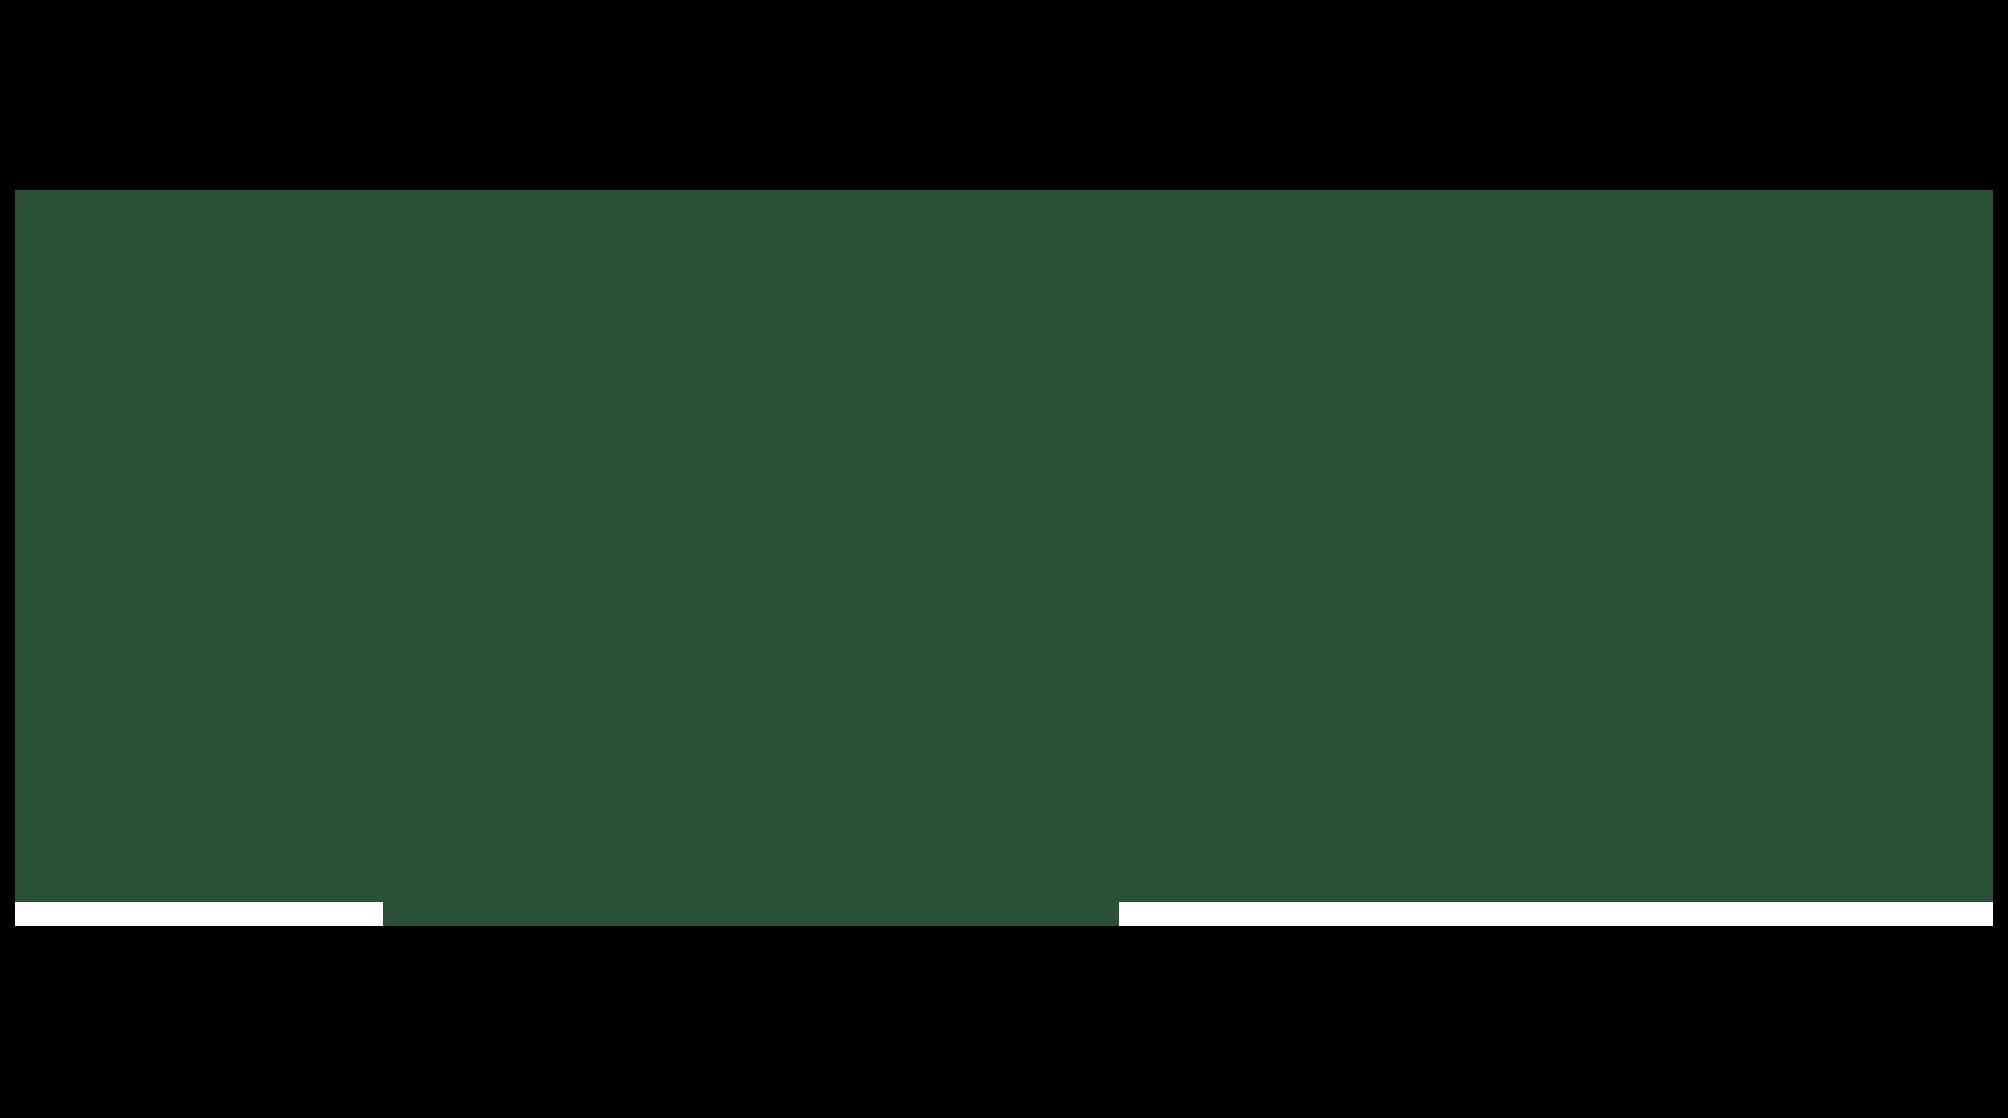 komili-logo-versiyon-5